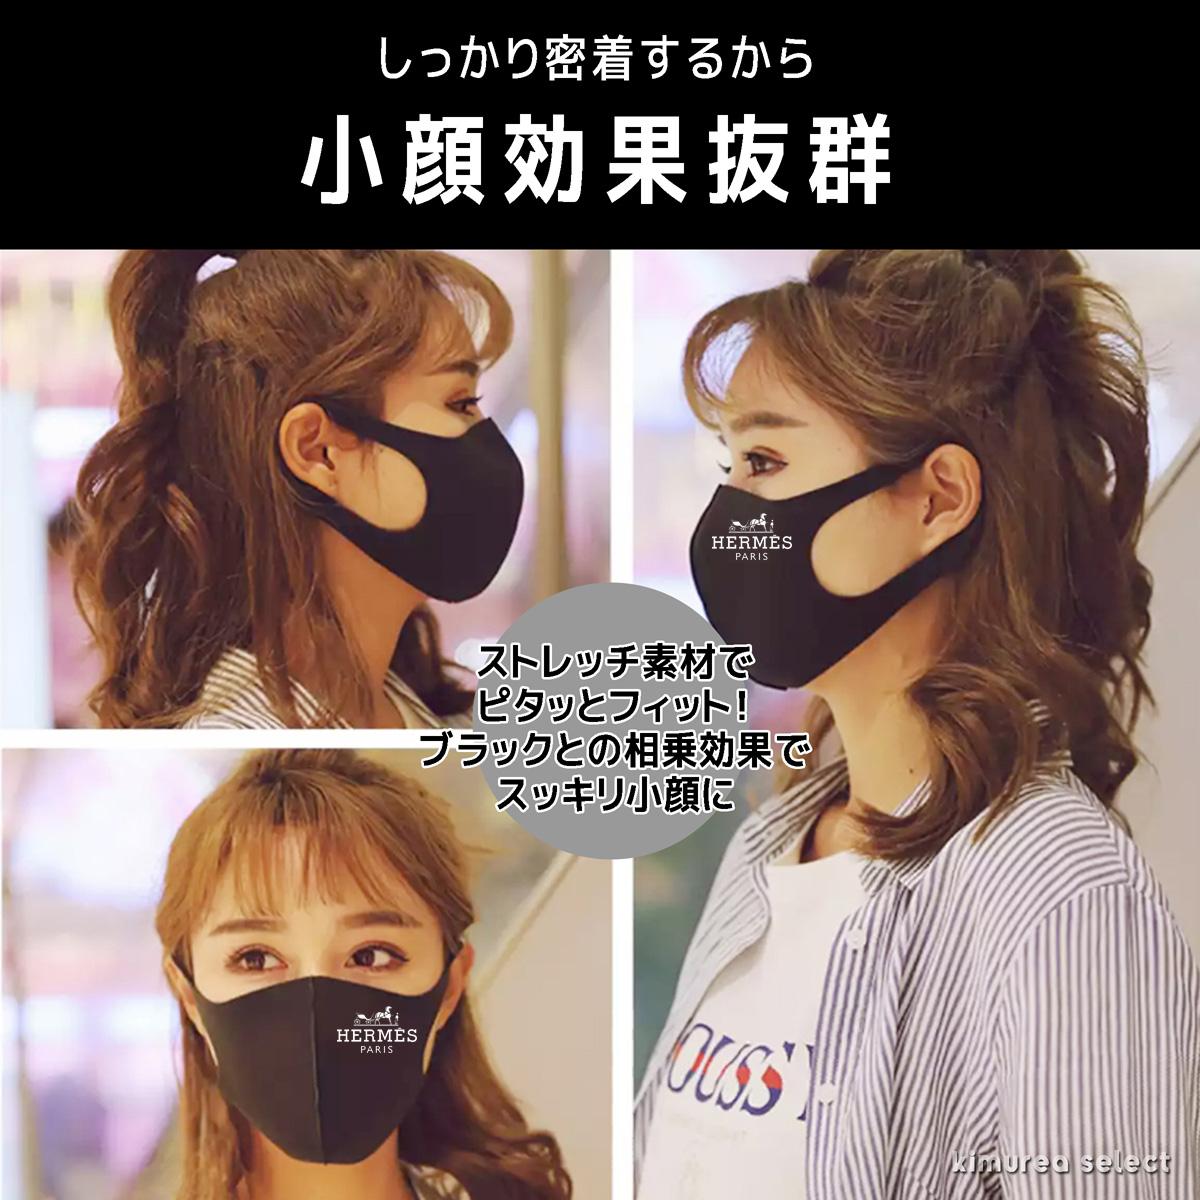 学生/大人用 ほこり防止 日差し防止ハイブランド hermesマスク通販